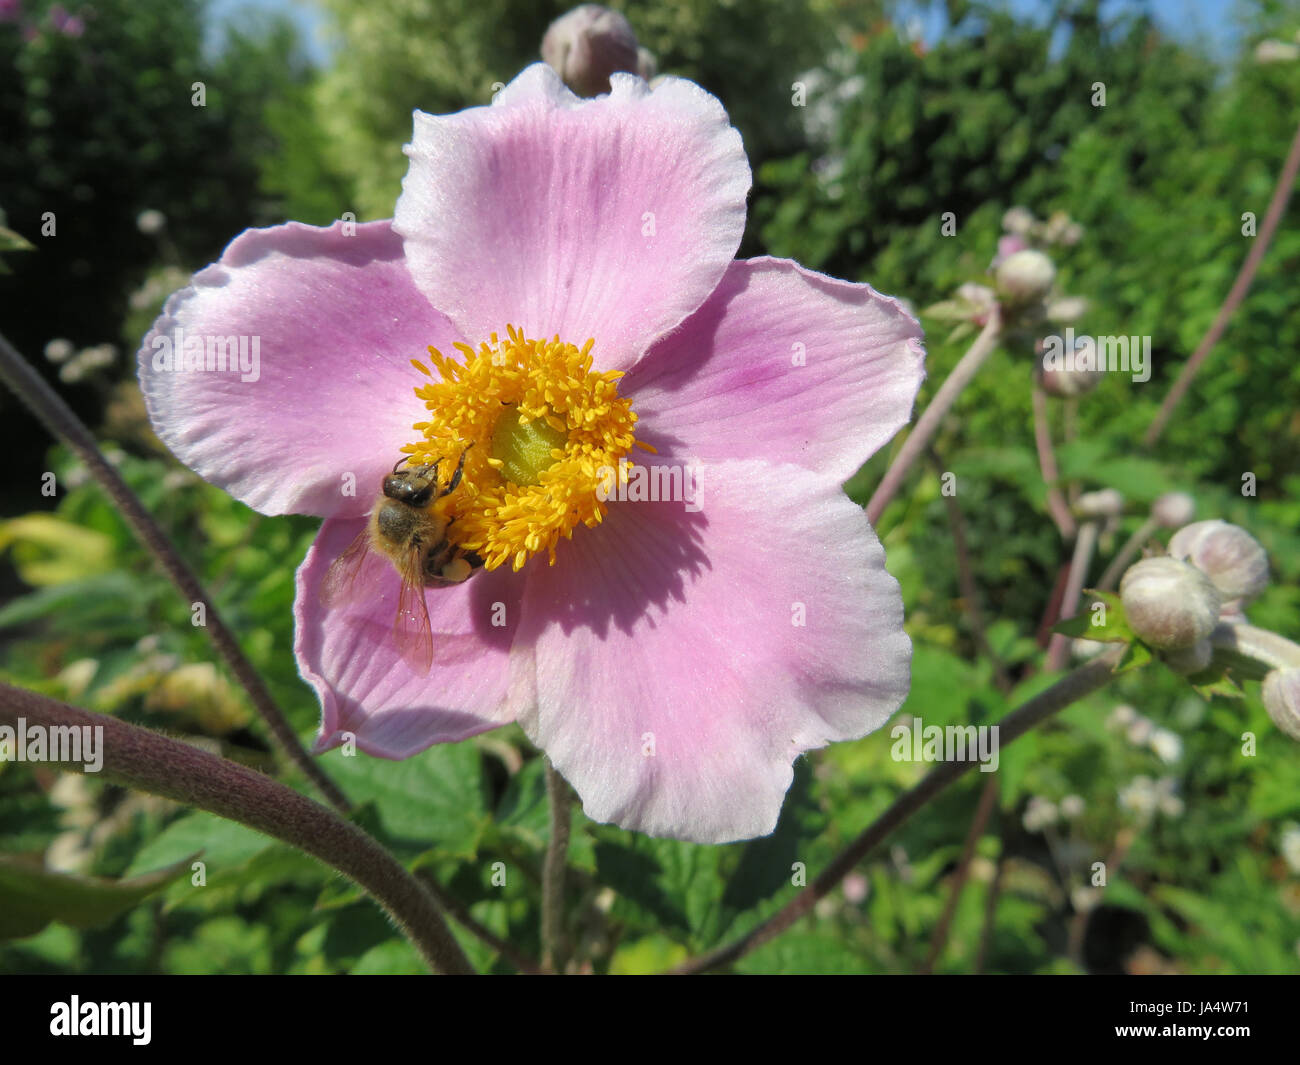 Herbstanemone Anemone Hupehensis Stock Photo 143937109 Alamy